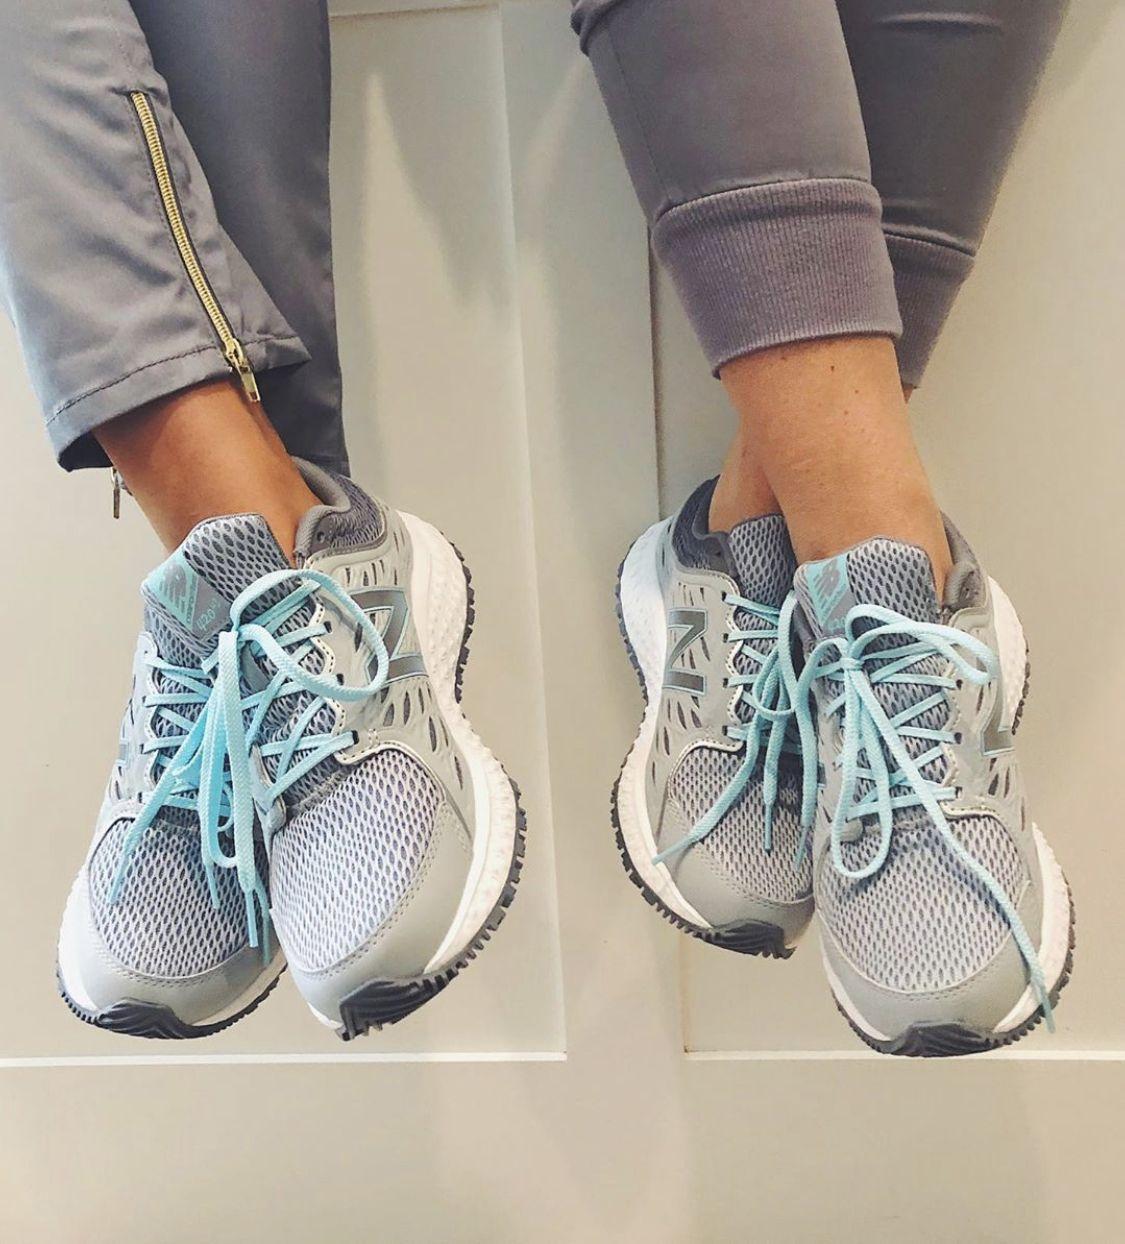 New Balance 420v3 Gray / Blue Women's Slip resistant